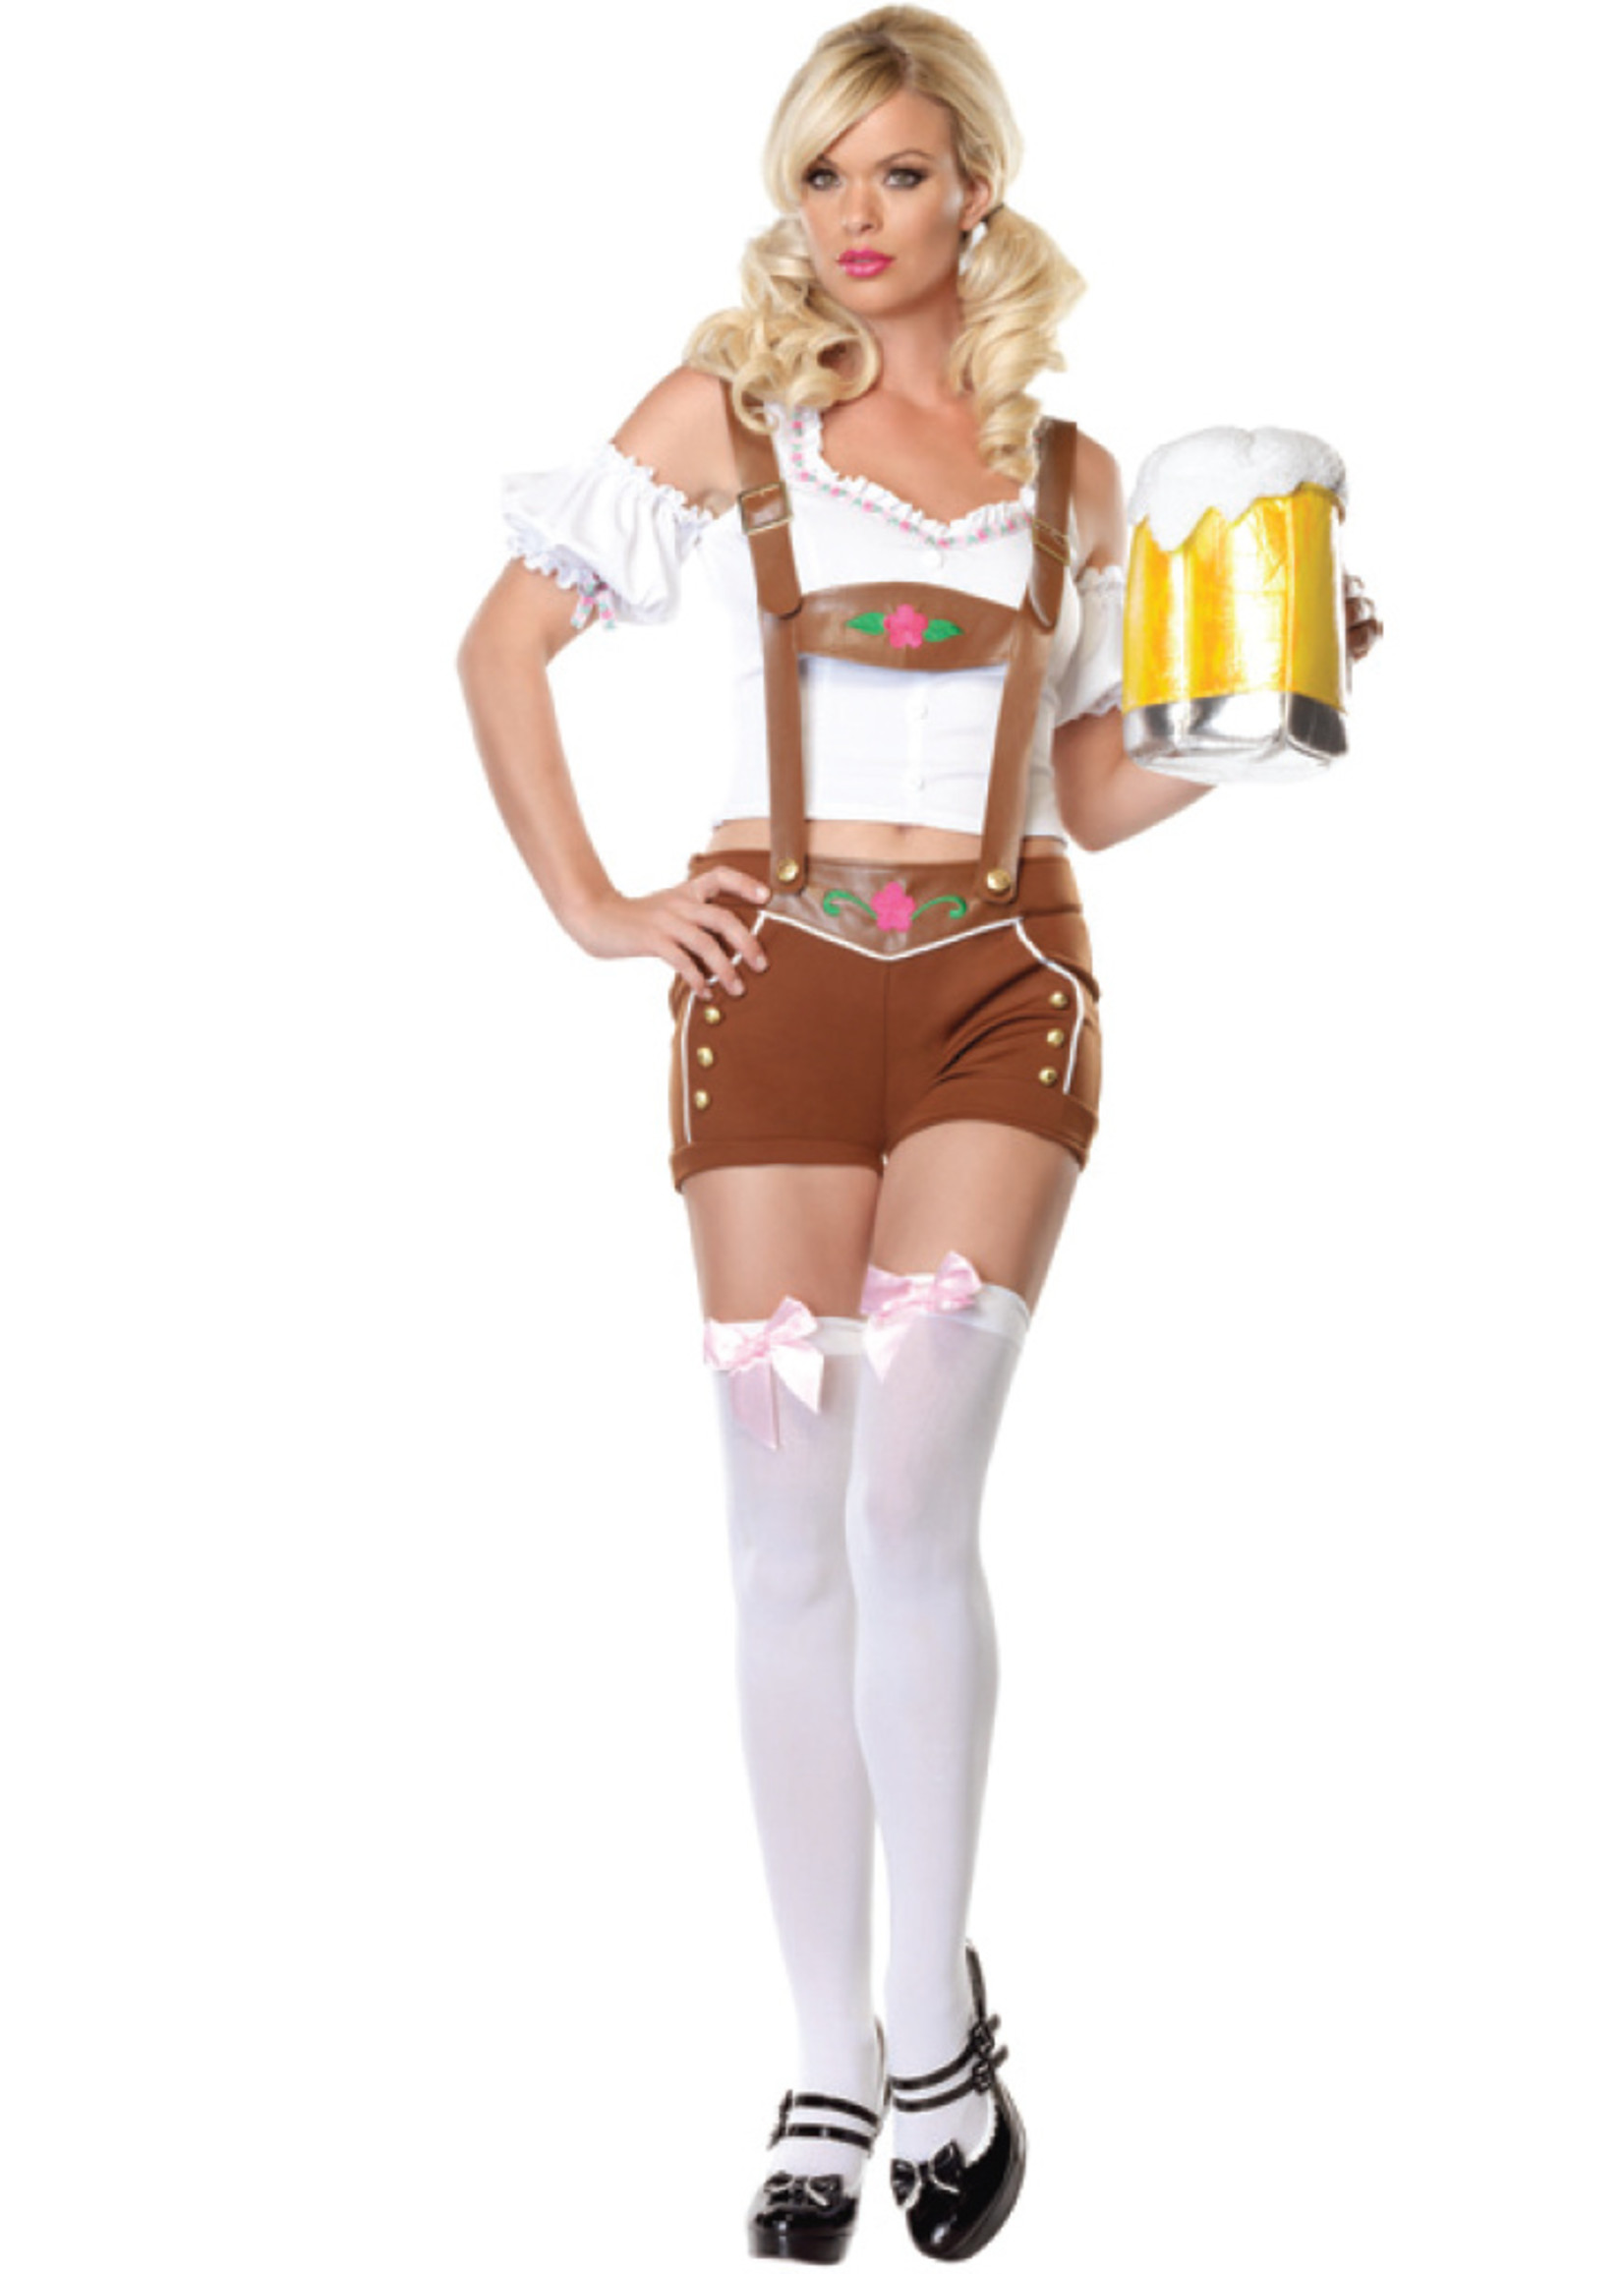 Little Miss Lederhosen Costume - Women's